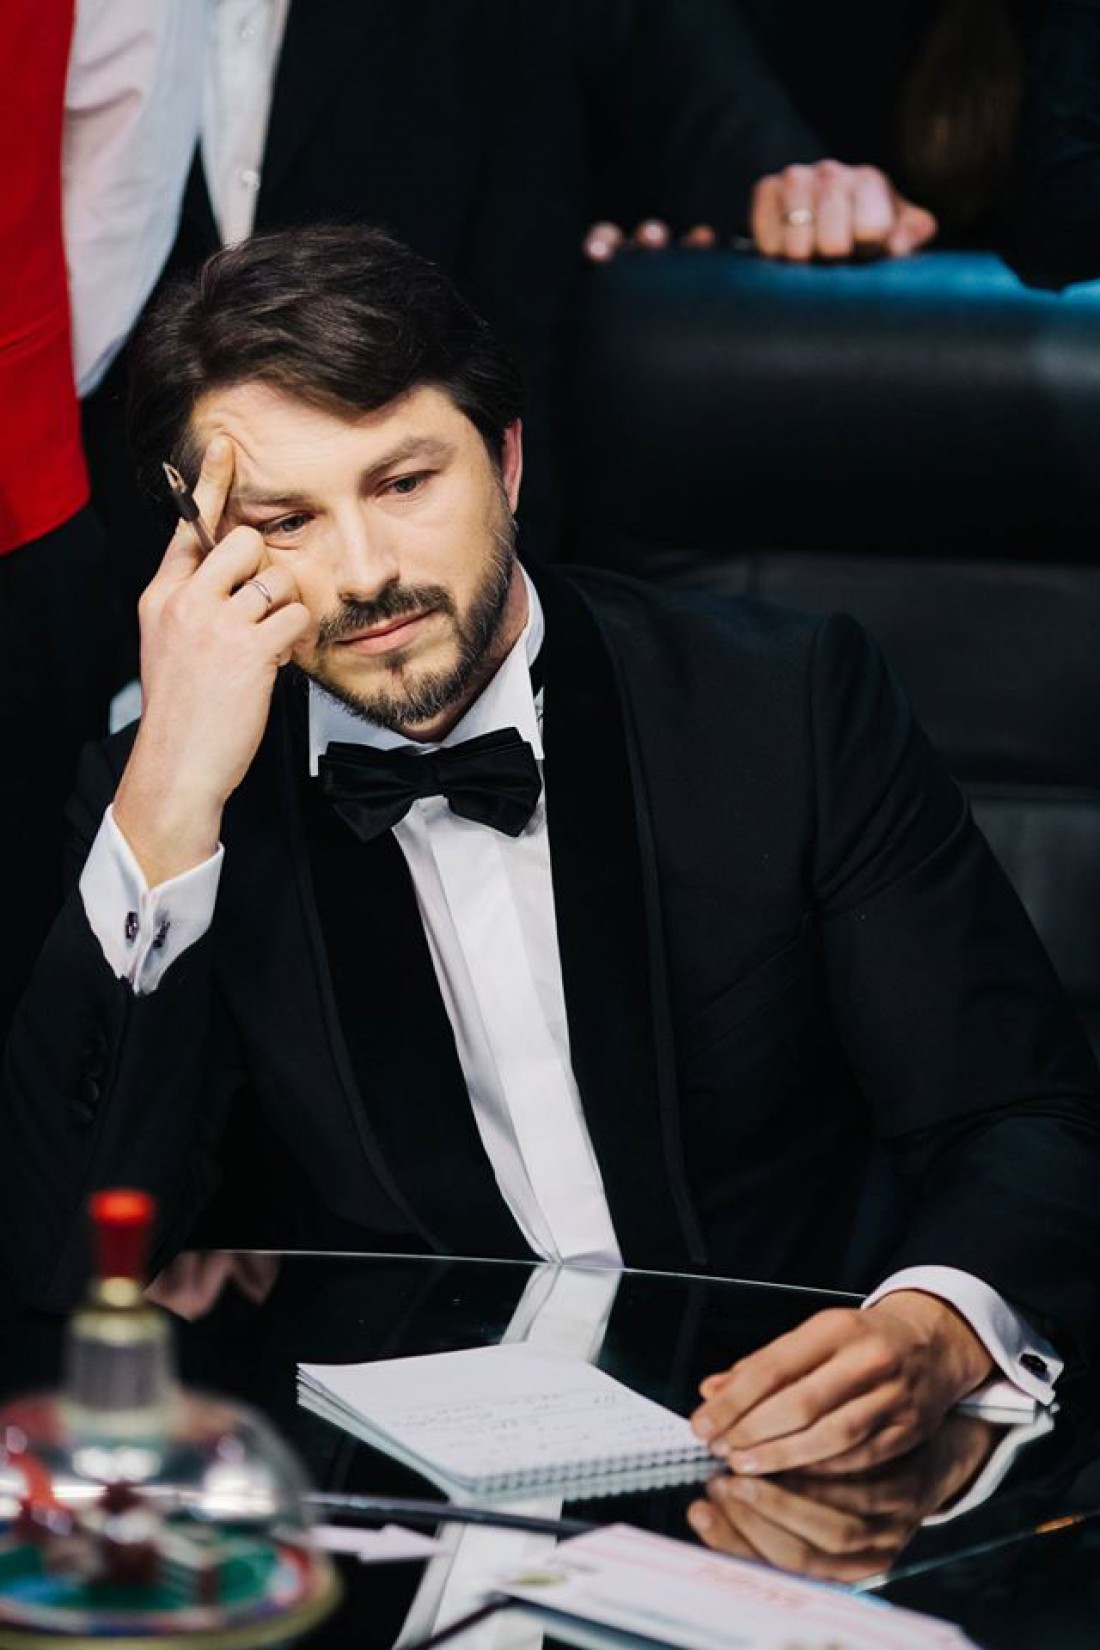 Телеведущий Сергей Притула примет активное участие в Евровидении 2017